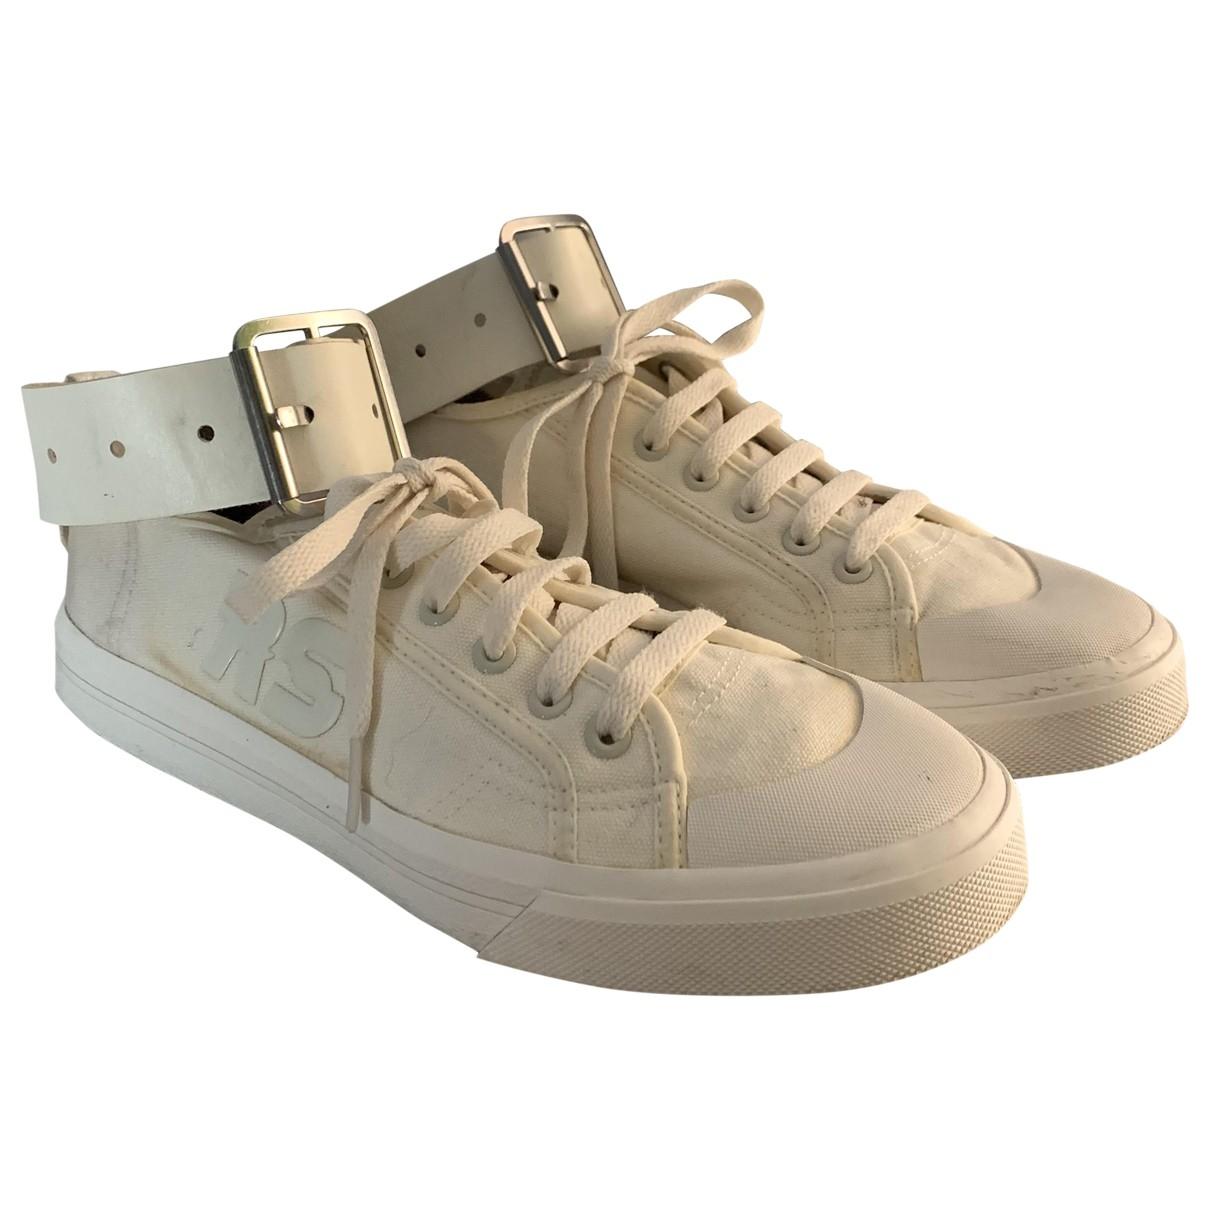 Adidas X Raf Simons - Baskets Spirit pour homme en toile - beige